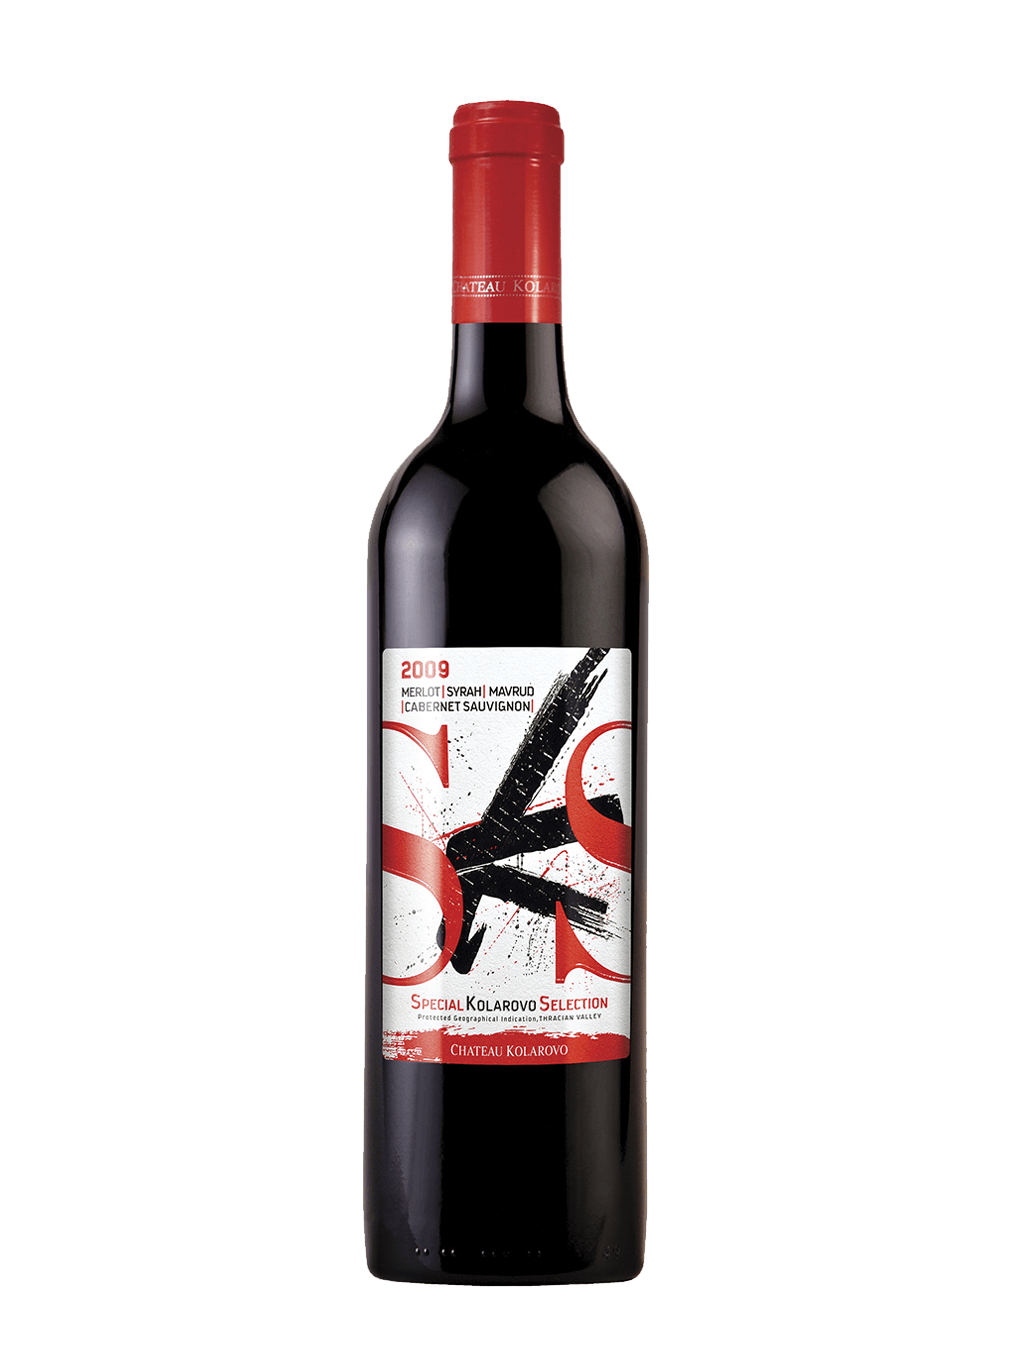 Серия вина SKS 2009 на винарна Шато Коларово